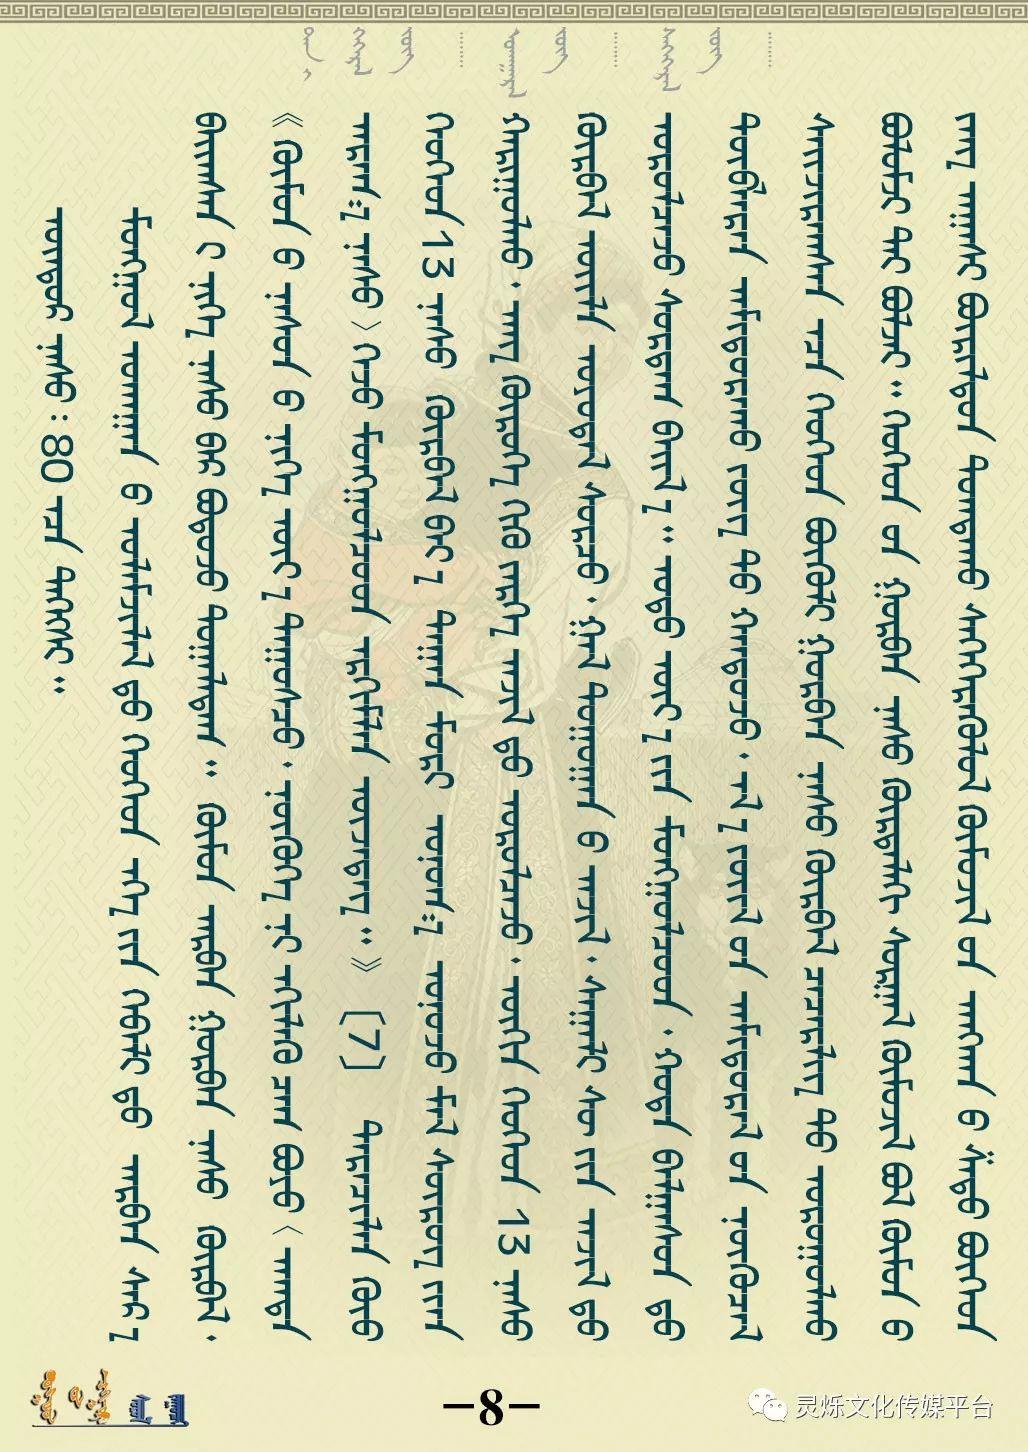 【蒙古民俗】 ᠮᠣᠩᠭᠣᠯ ᠤᠬᠠᠭᠠᠨ ᠬᠢᠭᠡᠳ ᠭᠡᠷᠤᠨ ᠰᠤᠷᠭᠠᠯ ᠬᠥᠮᠥᠵᠢᠯ 2 第8张